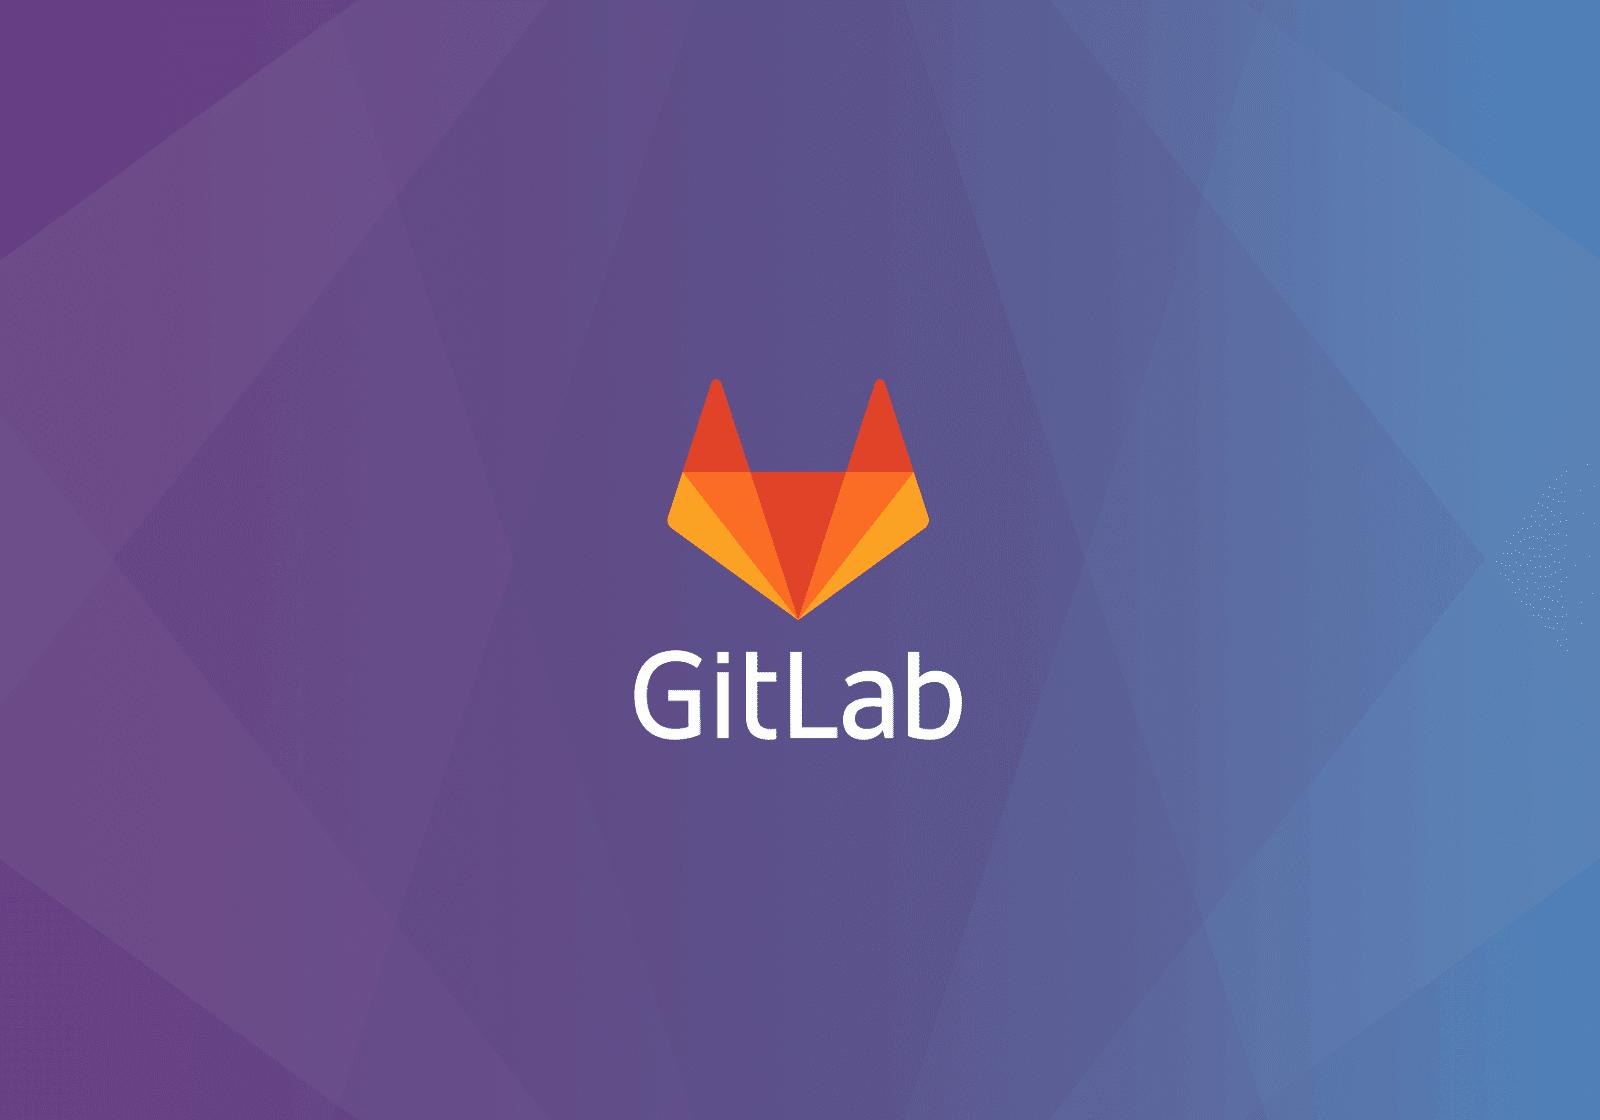 Gitlab: Repositorios Privados Ilimitados